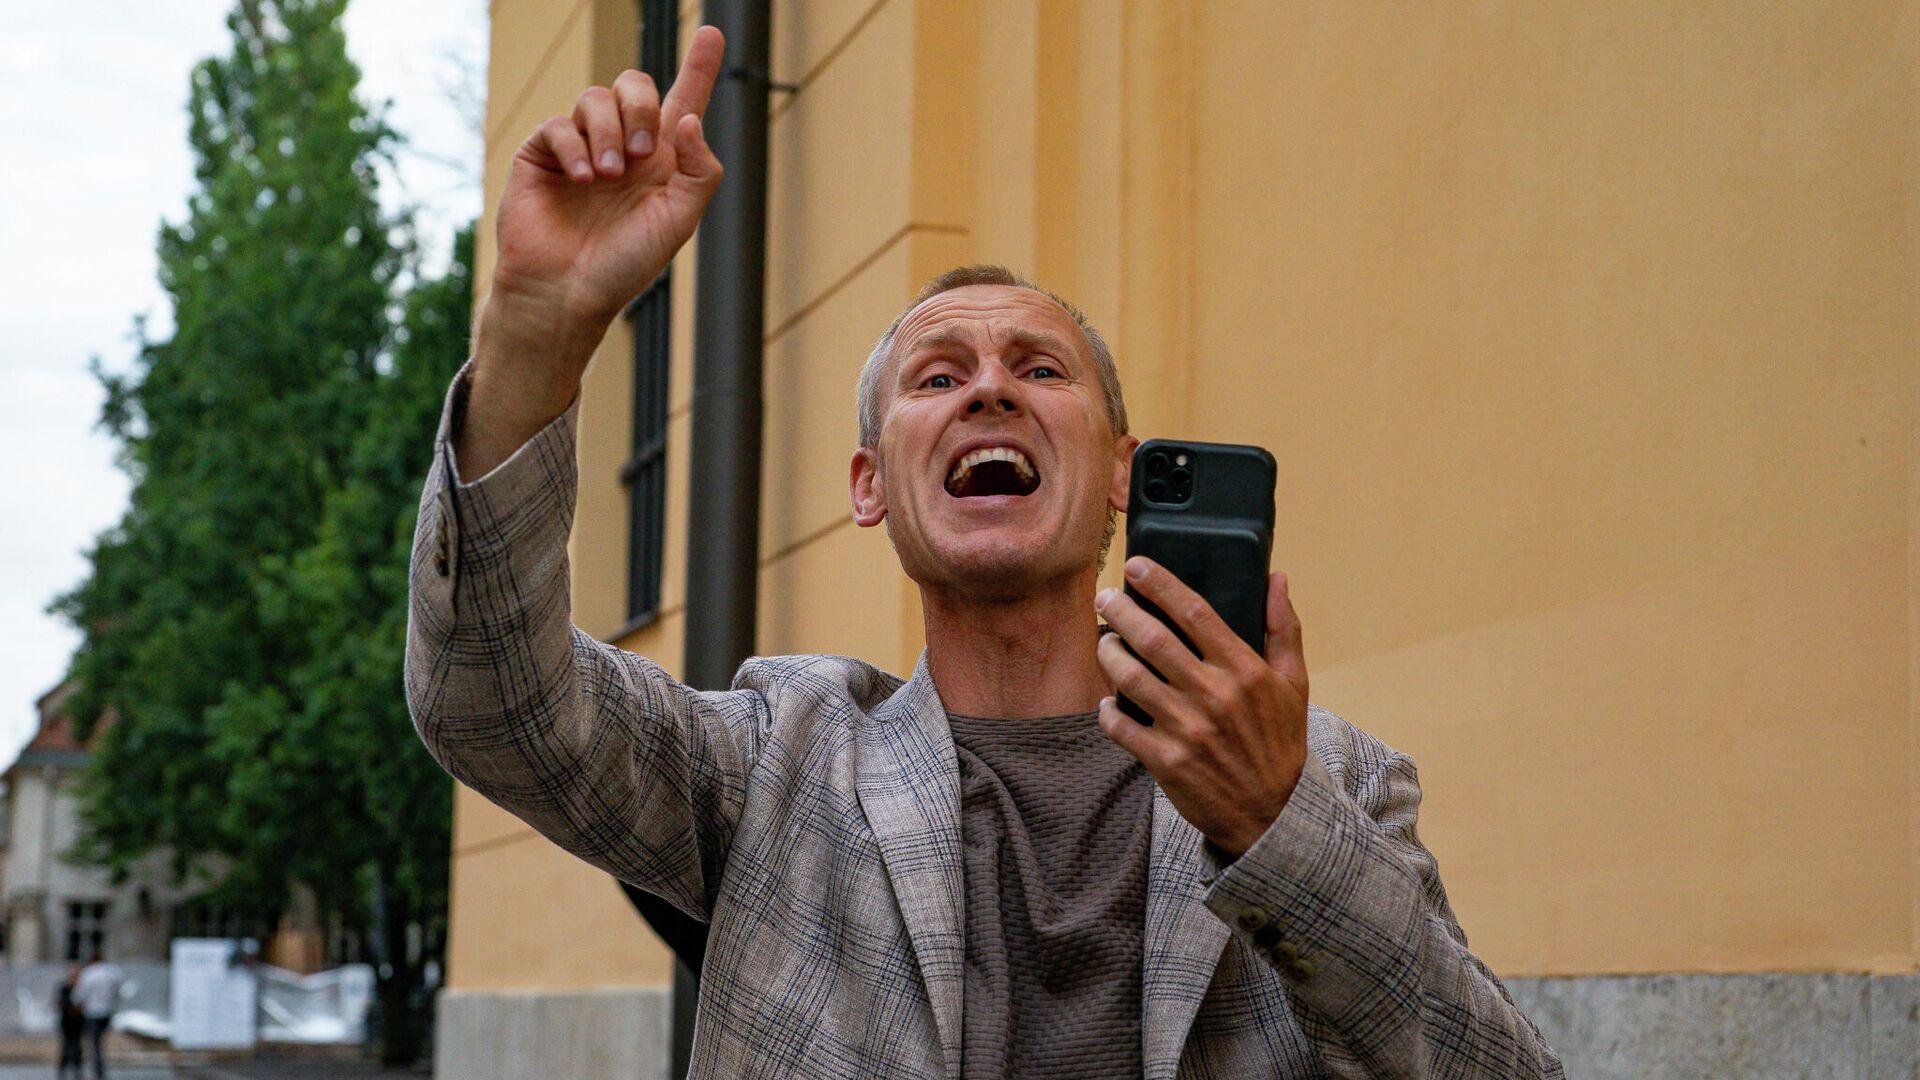 Противники обязательной вакцинации пришли к Сейму, откликнувшись на призыв депутата Алдиса Гобземса - Sputnik Латвия, 1920, 25.09.2021